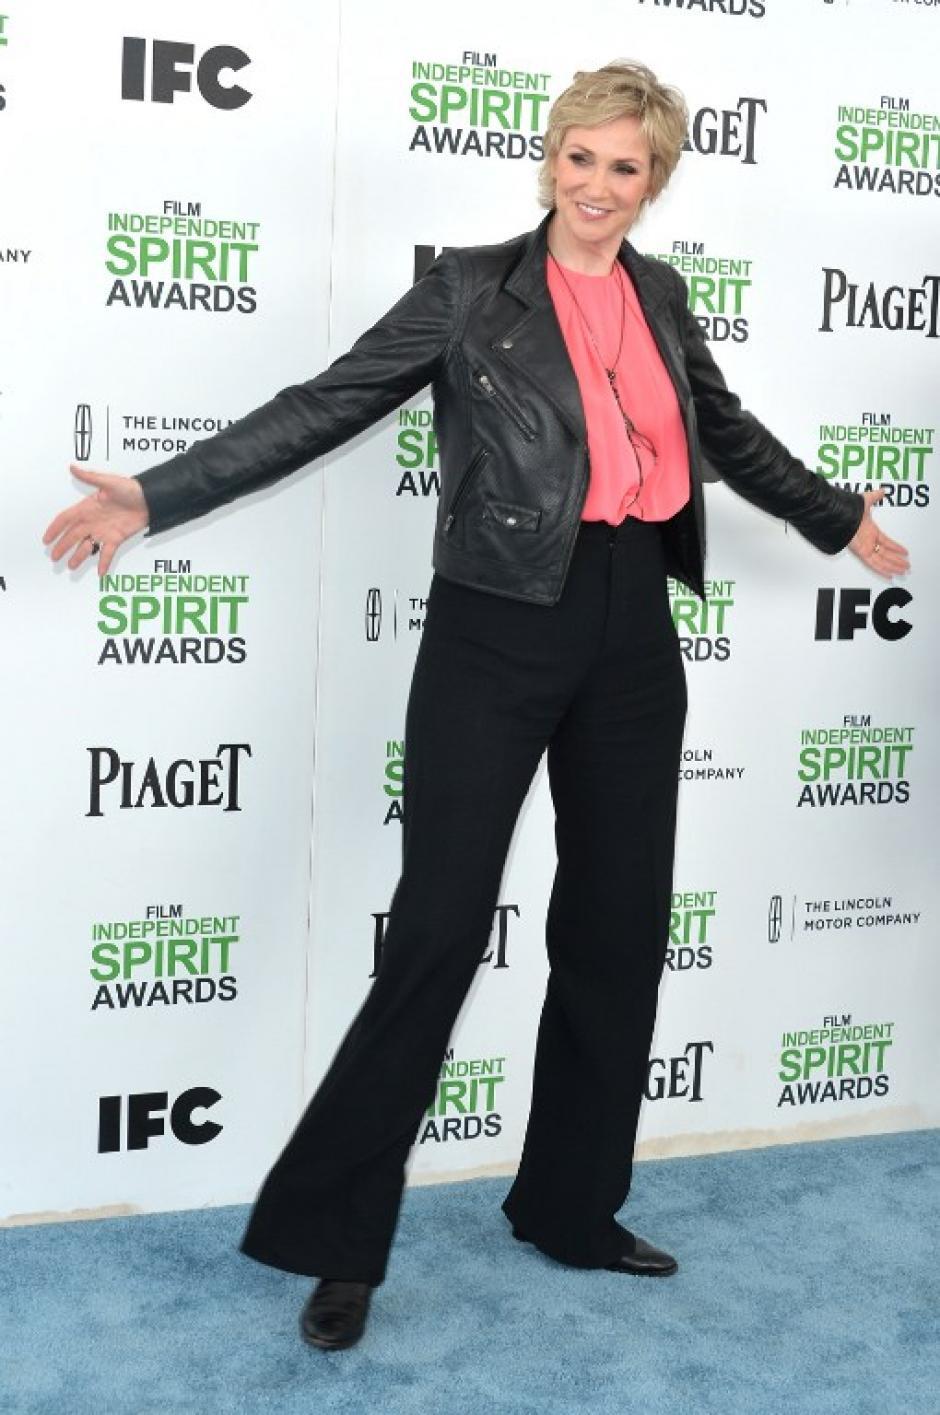 Jane Lynch optó por los pantalones. Las críticas no se hicieron esperar y la prensa especializada la señala como una de las peores vestidas de la ceremonia que en cierta manera es bastante relajada y flexible en modas. (Foto: AFP)